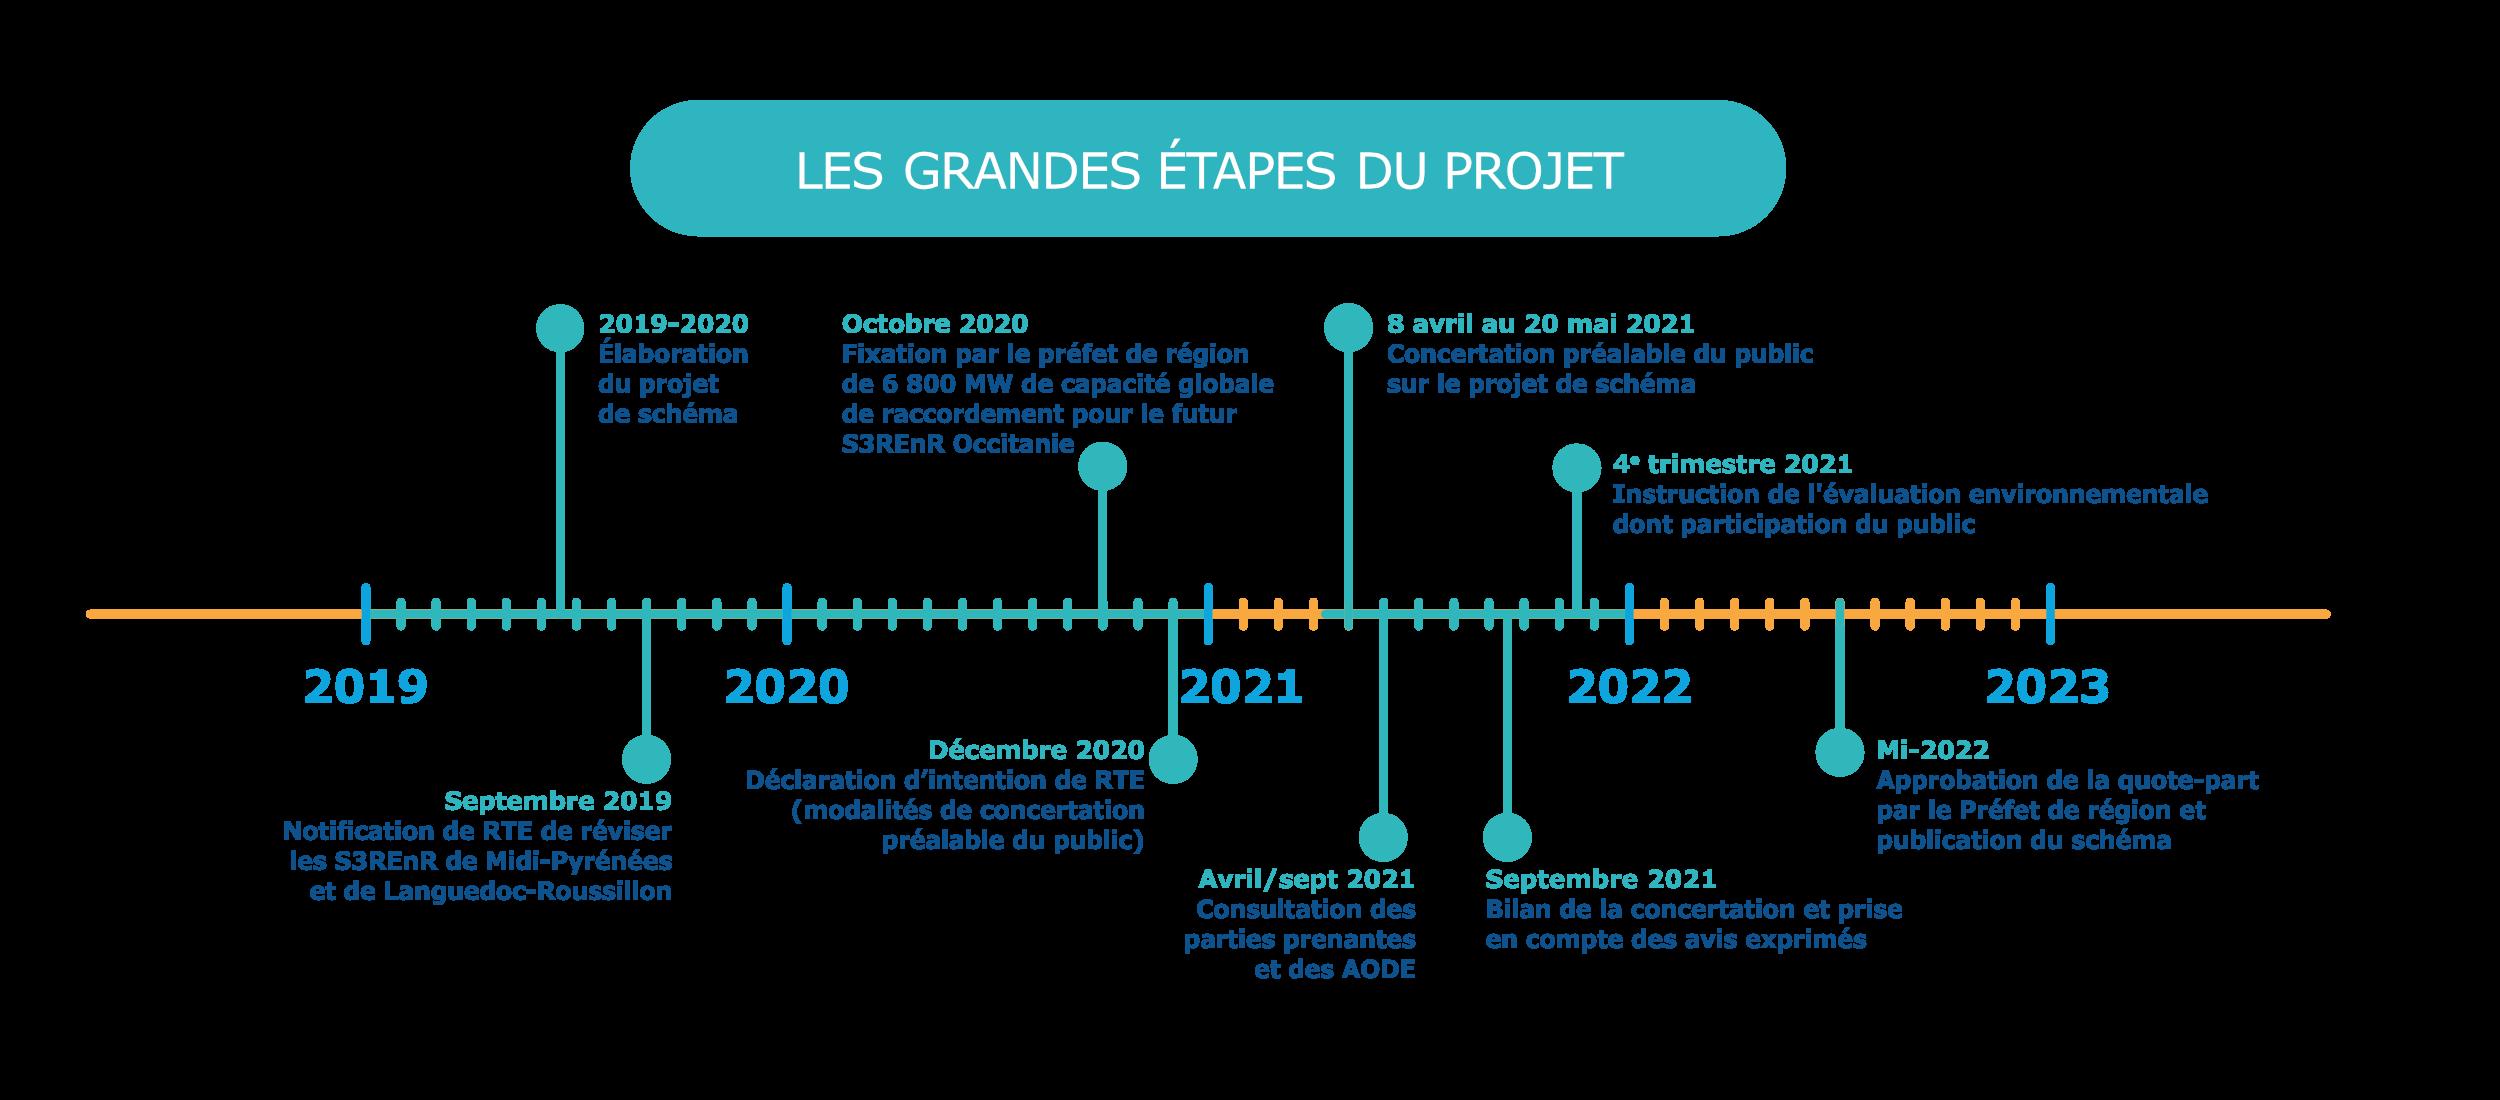 Etapes du projet S3REnR Occitanie